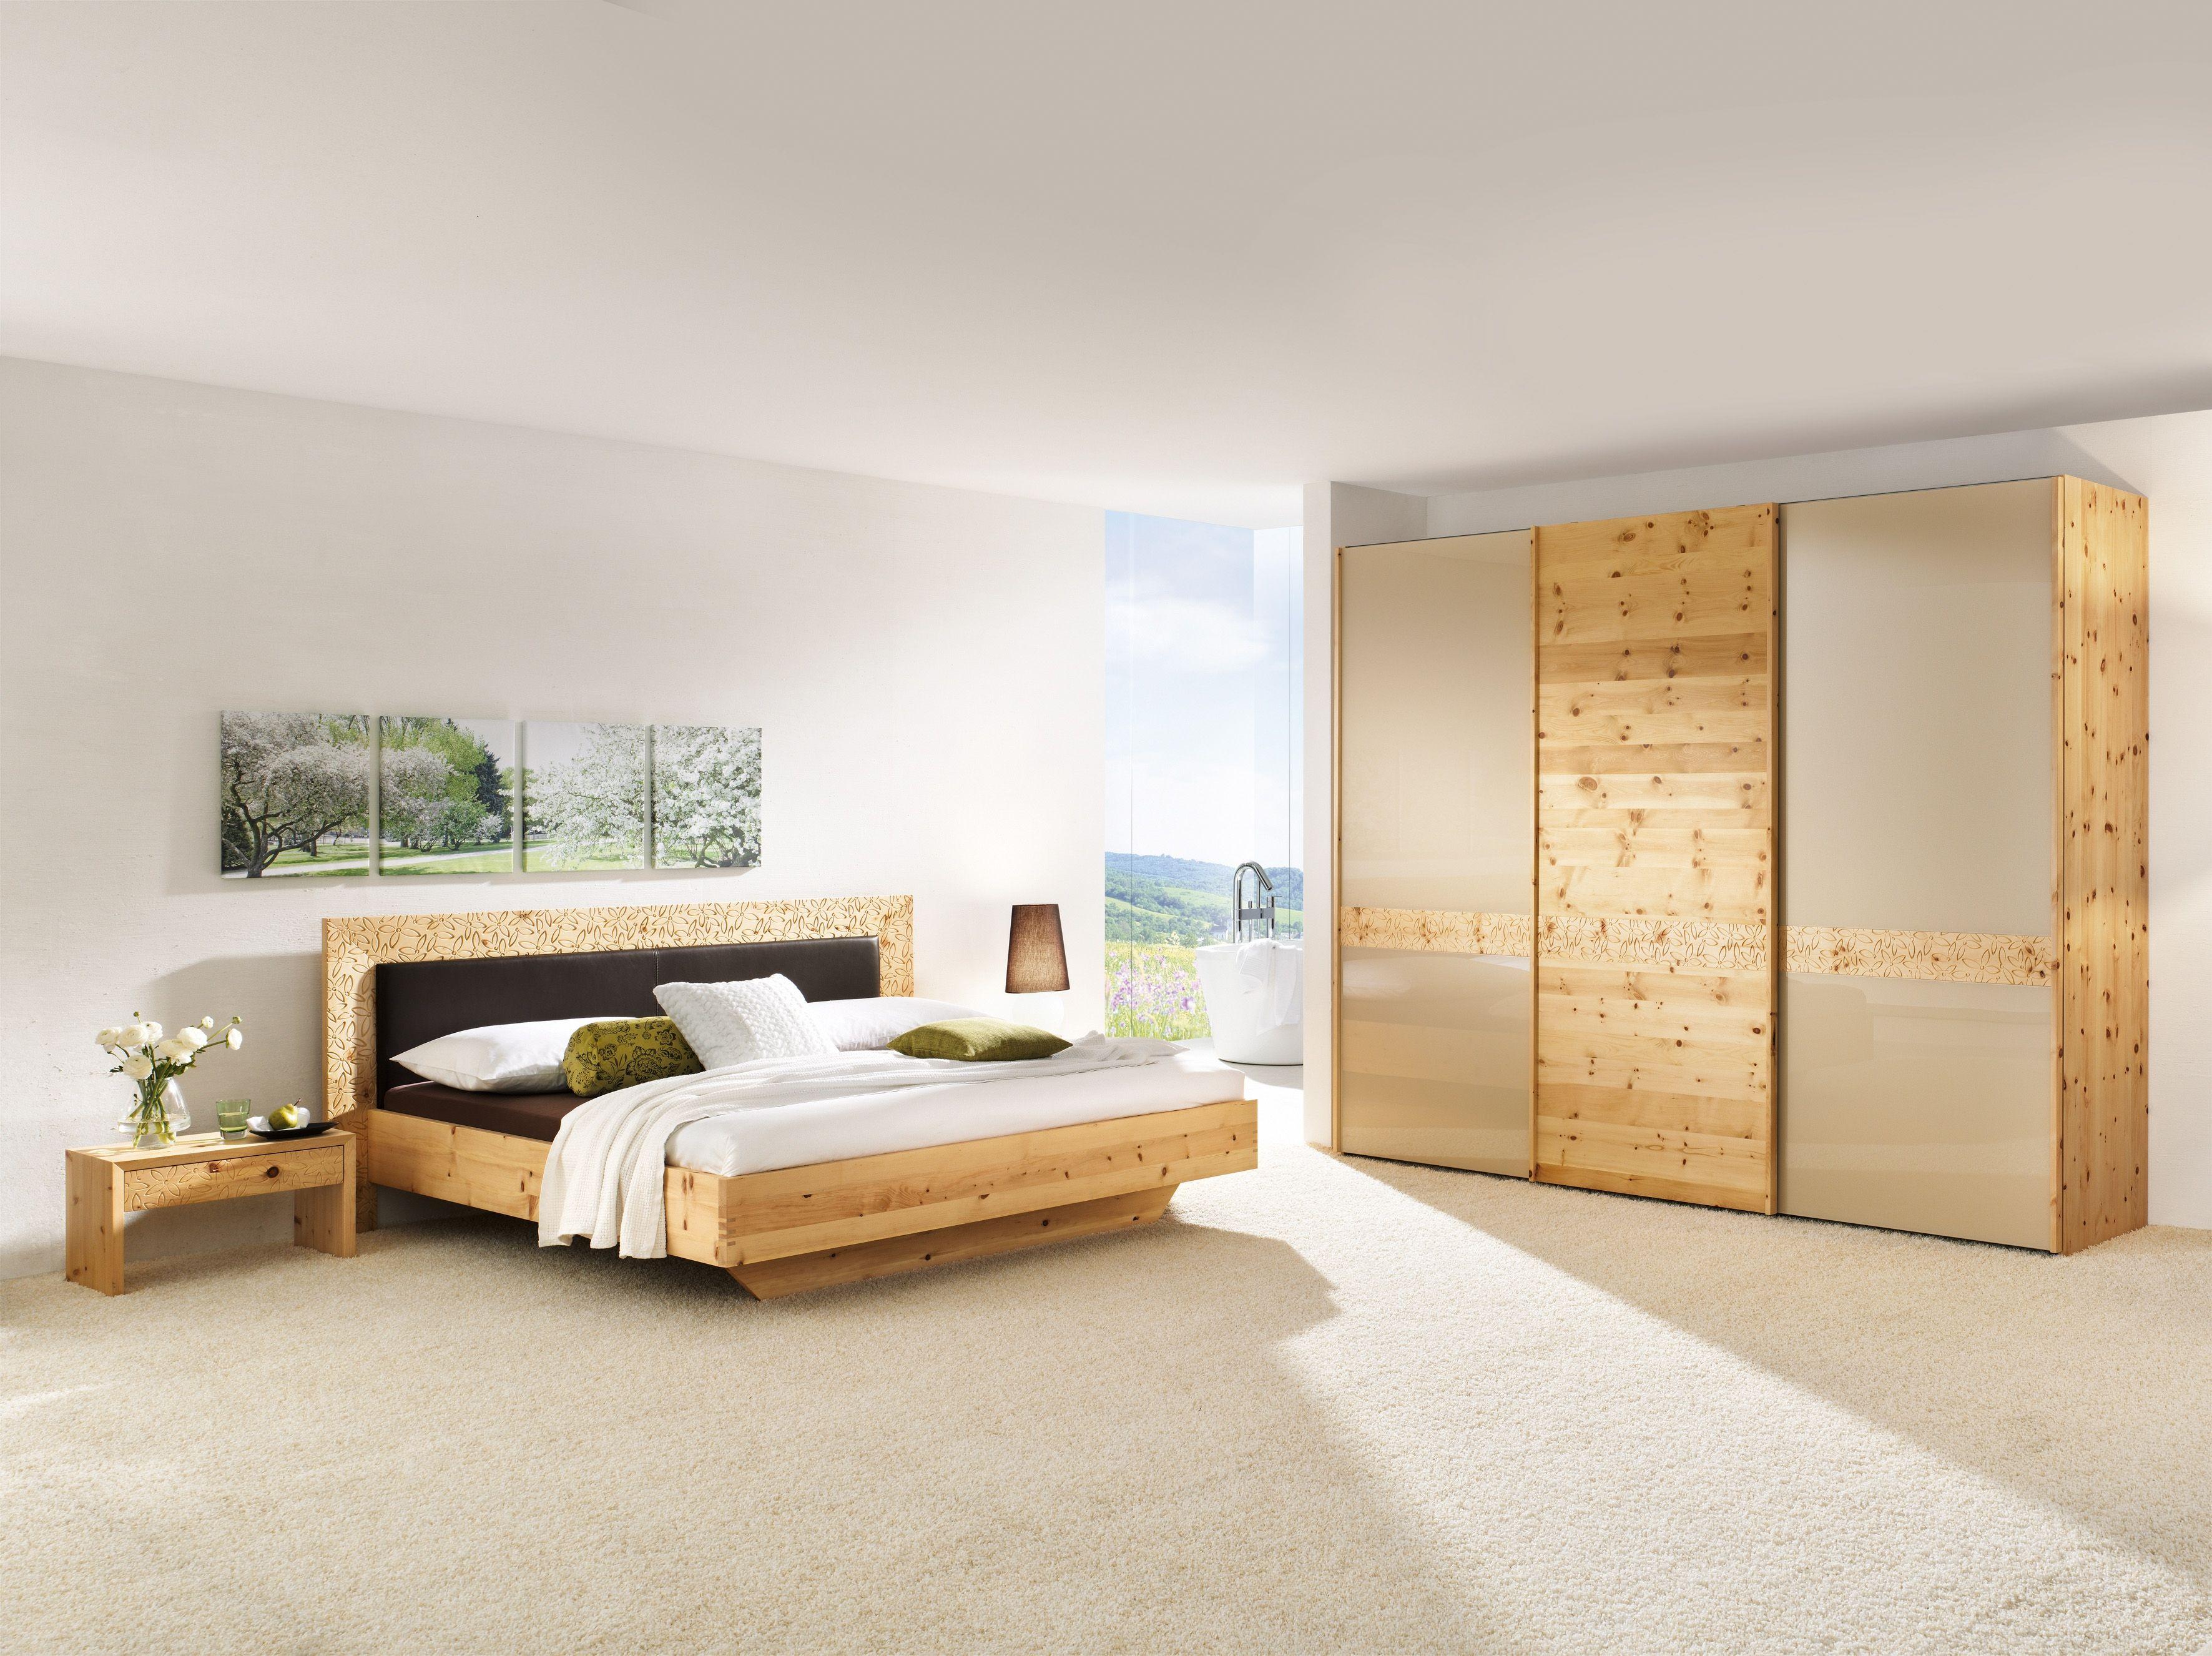 Gästezimmer Massivholzbett | Zirbe | Pinterest | Gästezimmer und Bett